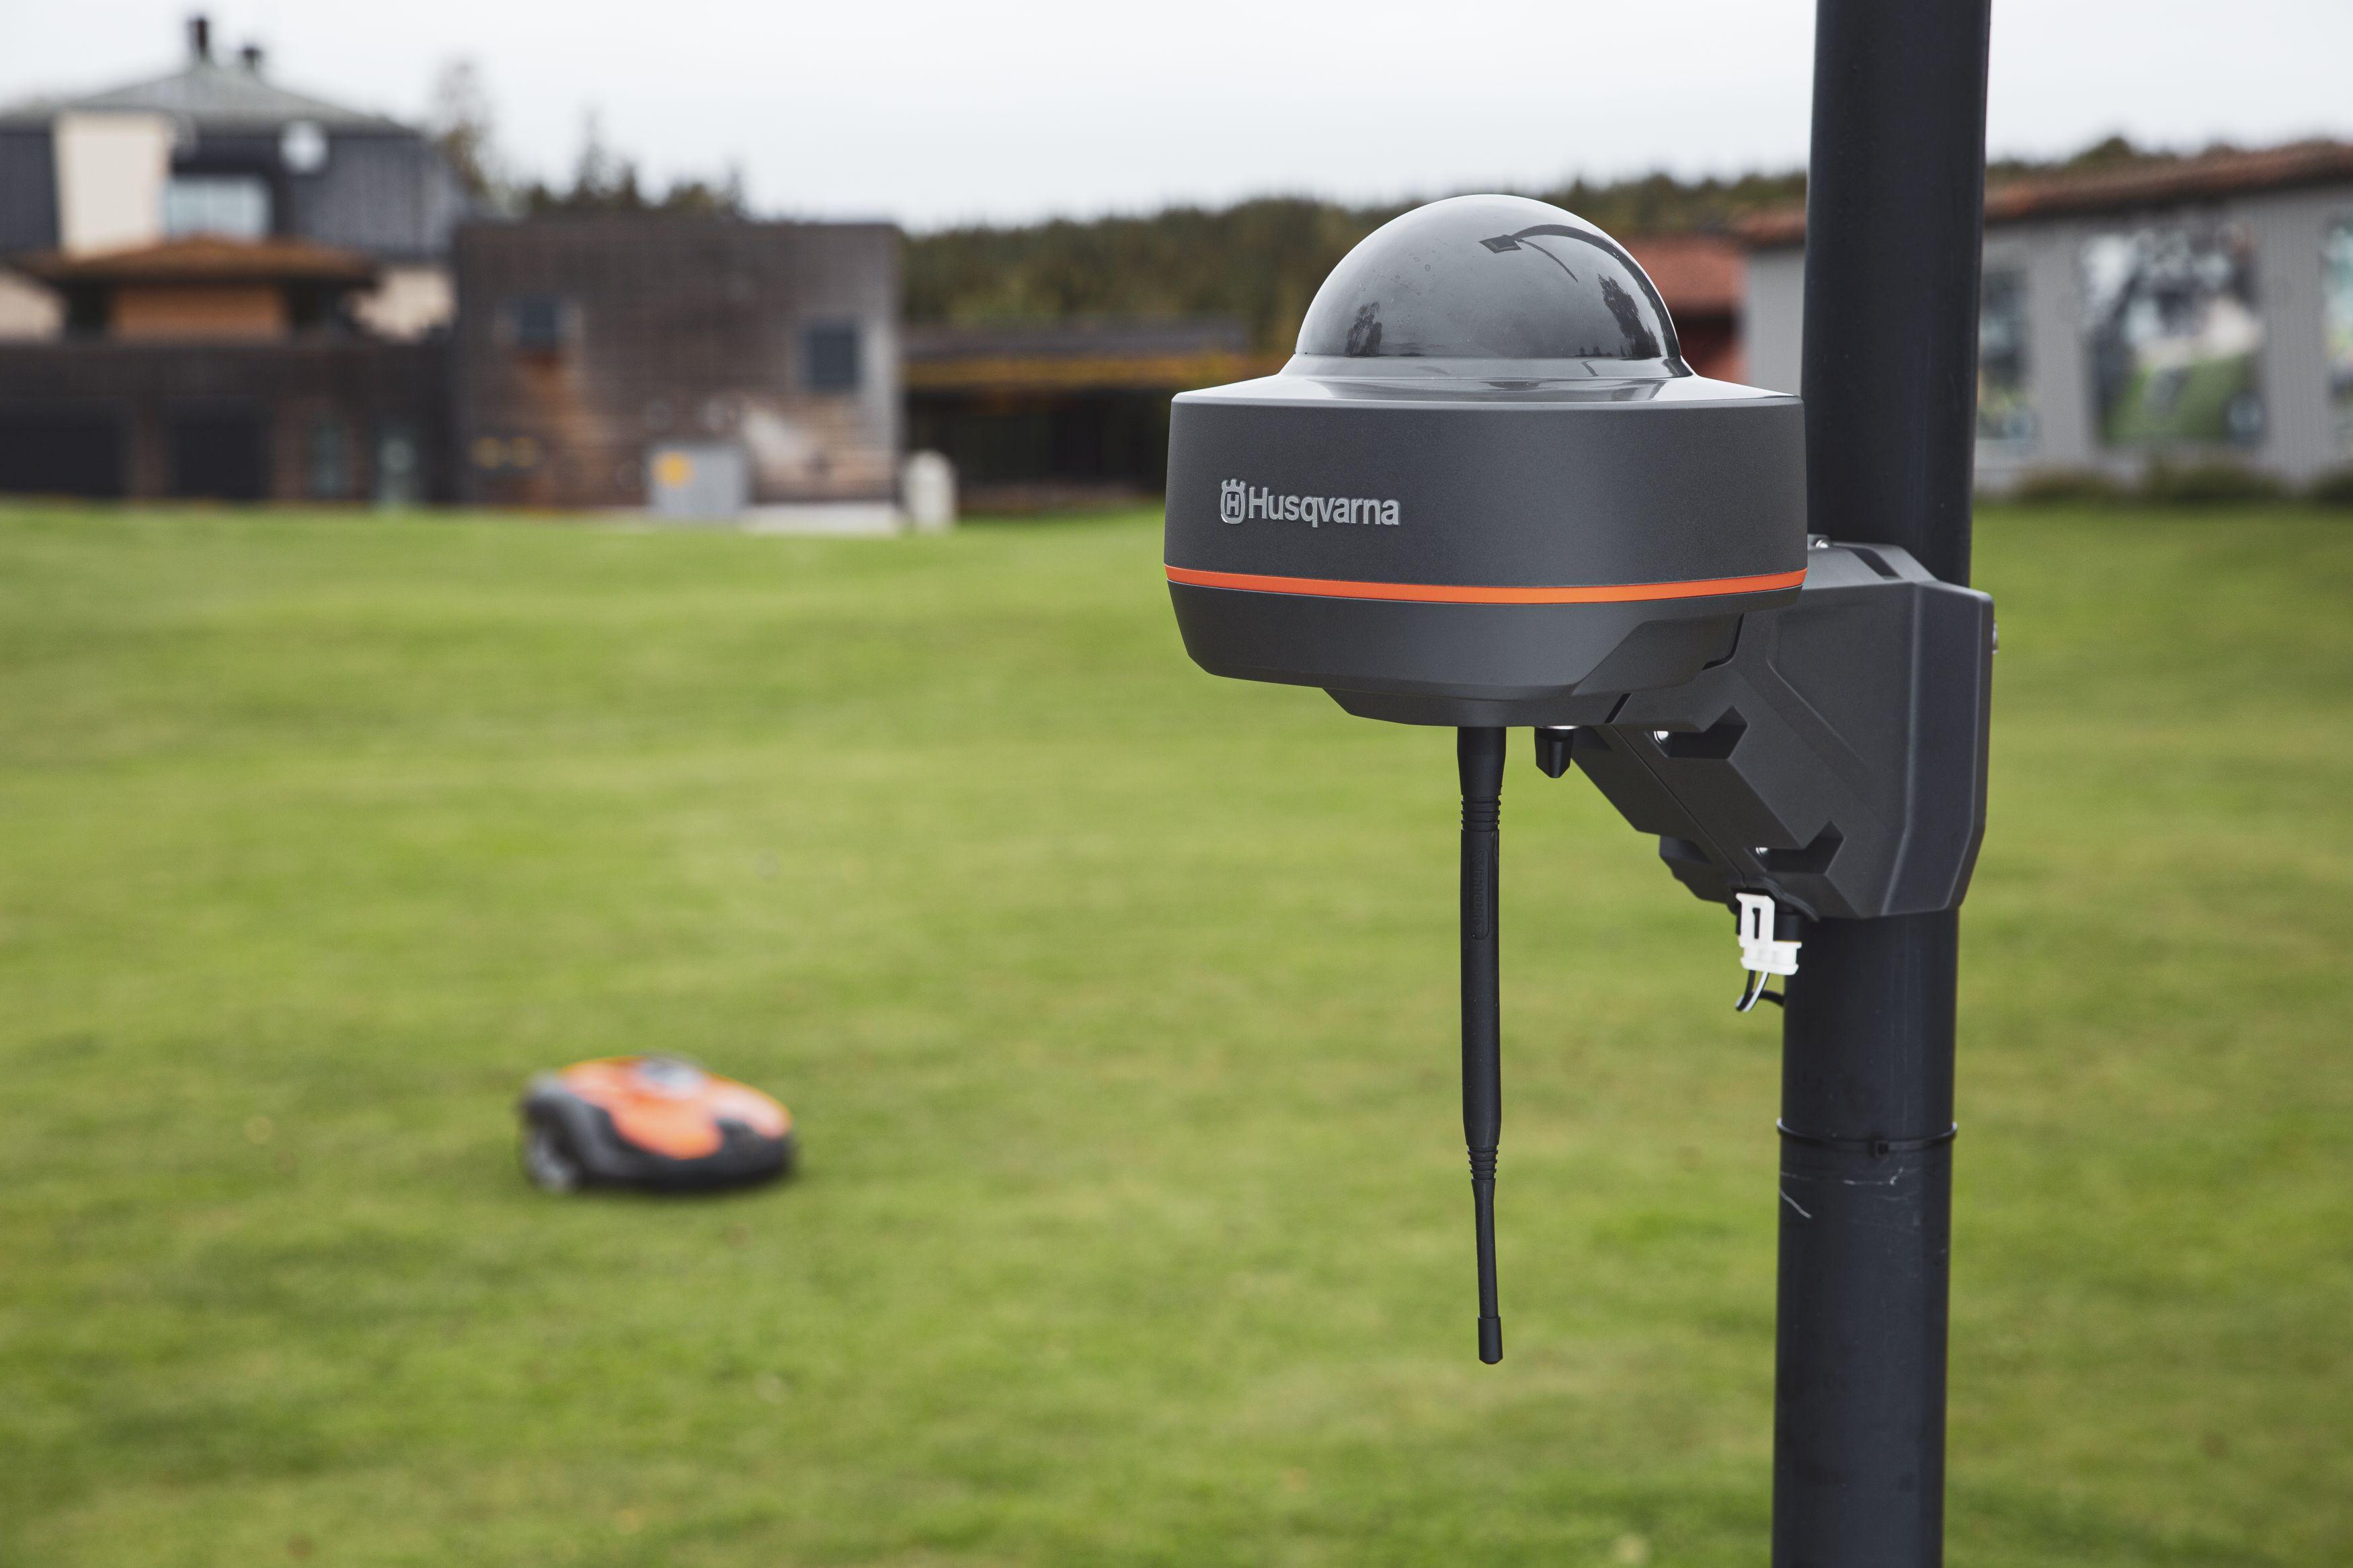 Kaablitest vabaks: nutikad robotniidukid seavad ise endale piirid